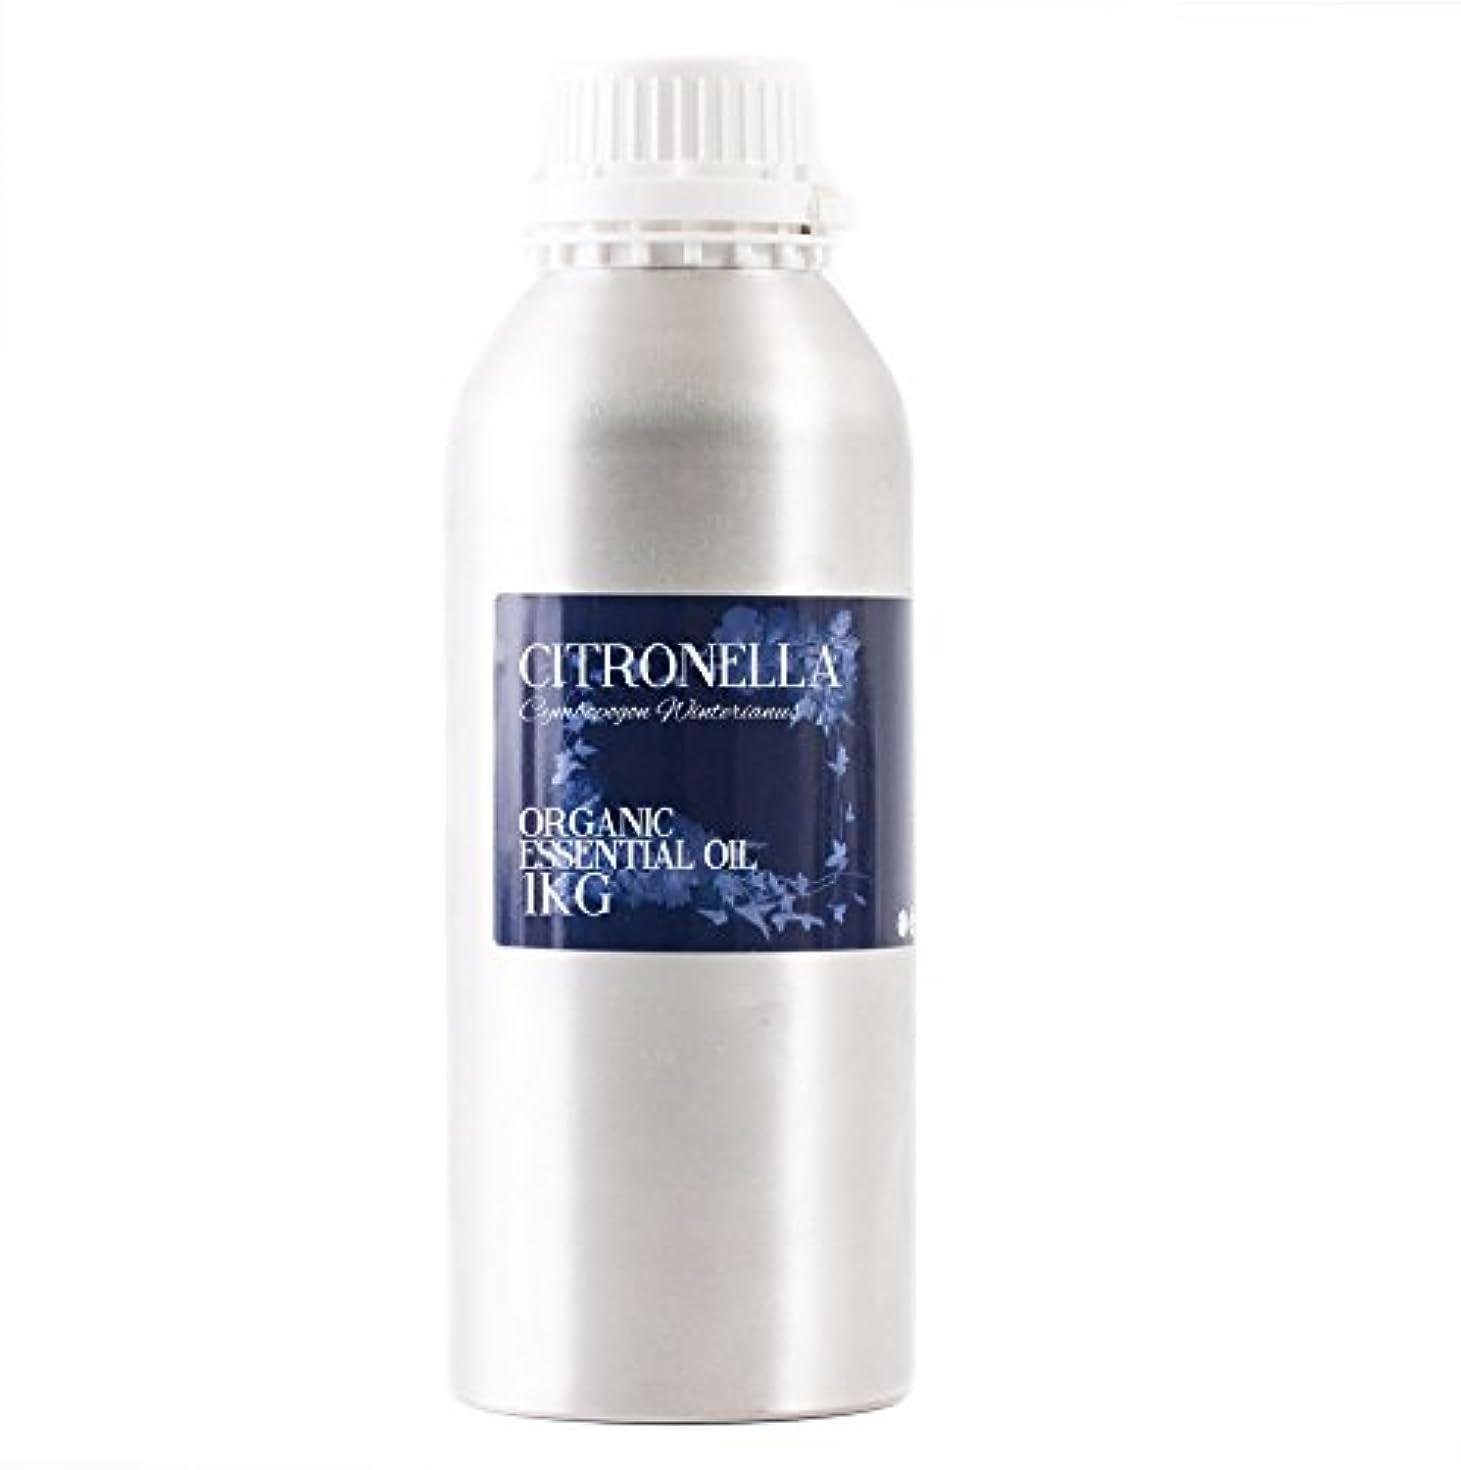 湿地国民投票とんでもないMystic Moments | Citronella Organic Essential Oil - 1Kg - 100% Pure